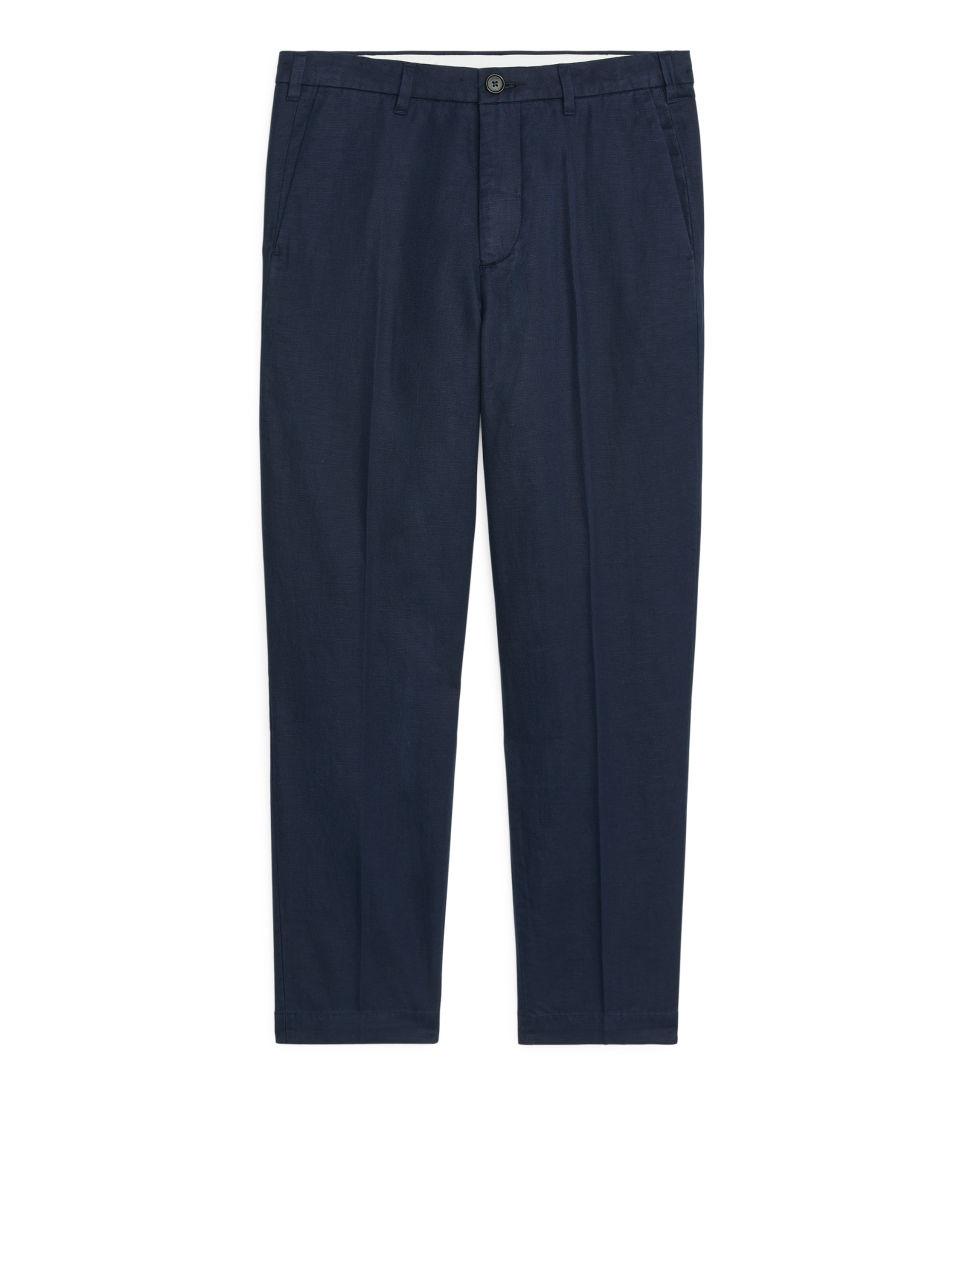 Regular Trousers Cotton Linen - Blue